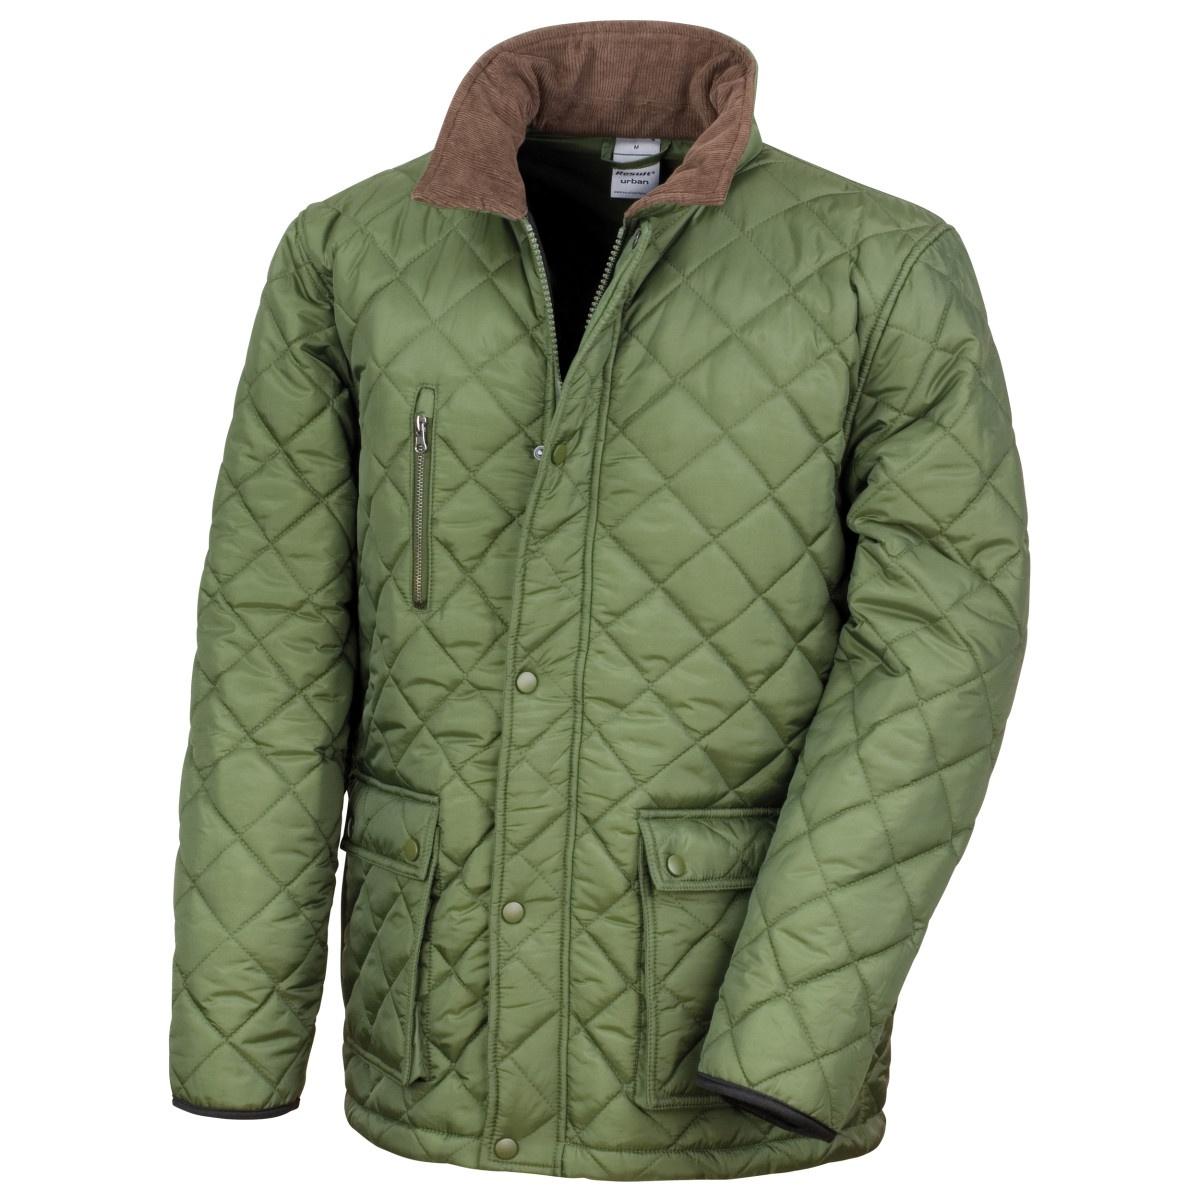 Result Mens Cheltenham Gold Fleece Lined Jacket (Water Repellent & Windproof) (2XL) (Olive)